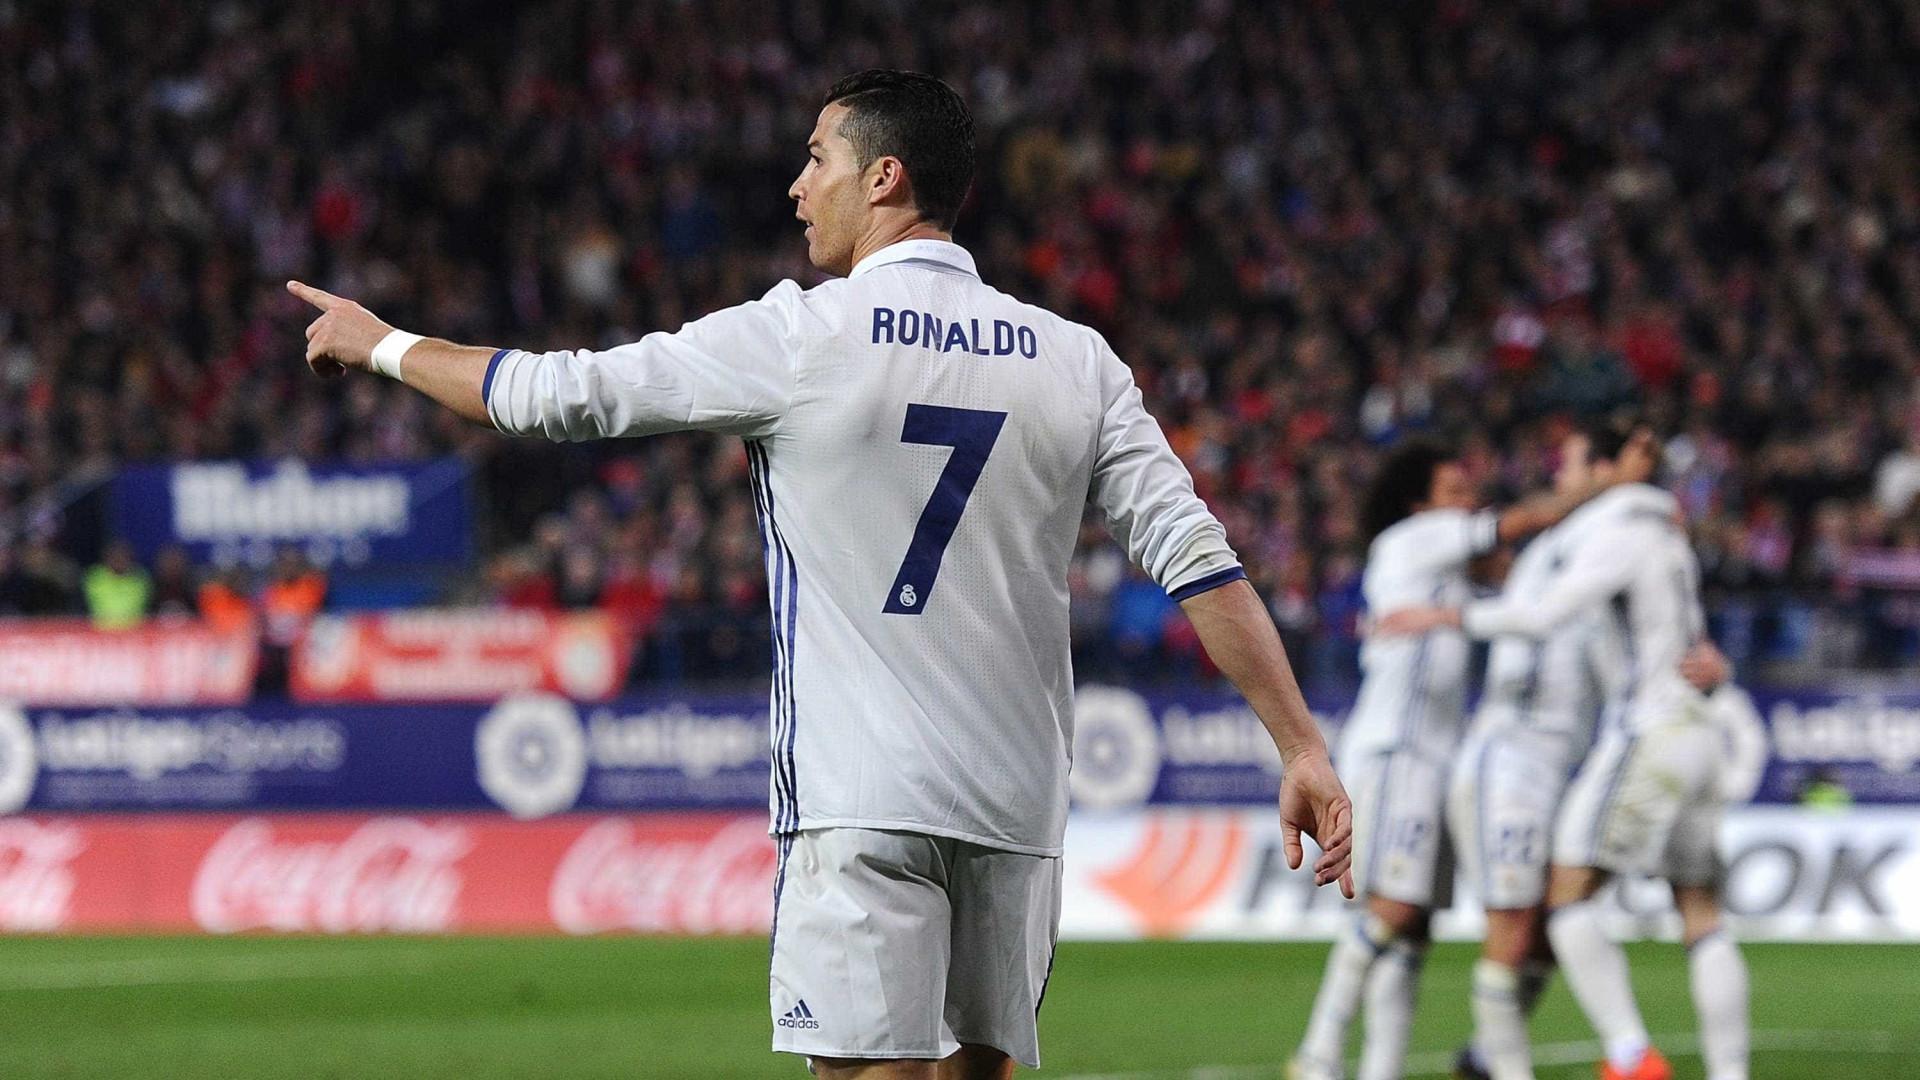 Morientes aposta na vitória do Real sobre o Barça com Ronaldo na frente